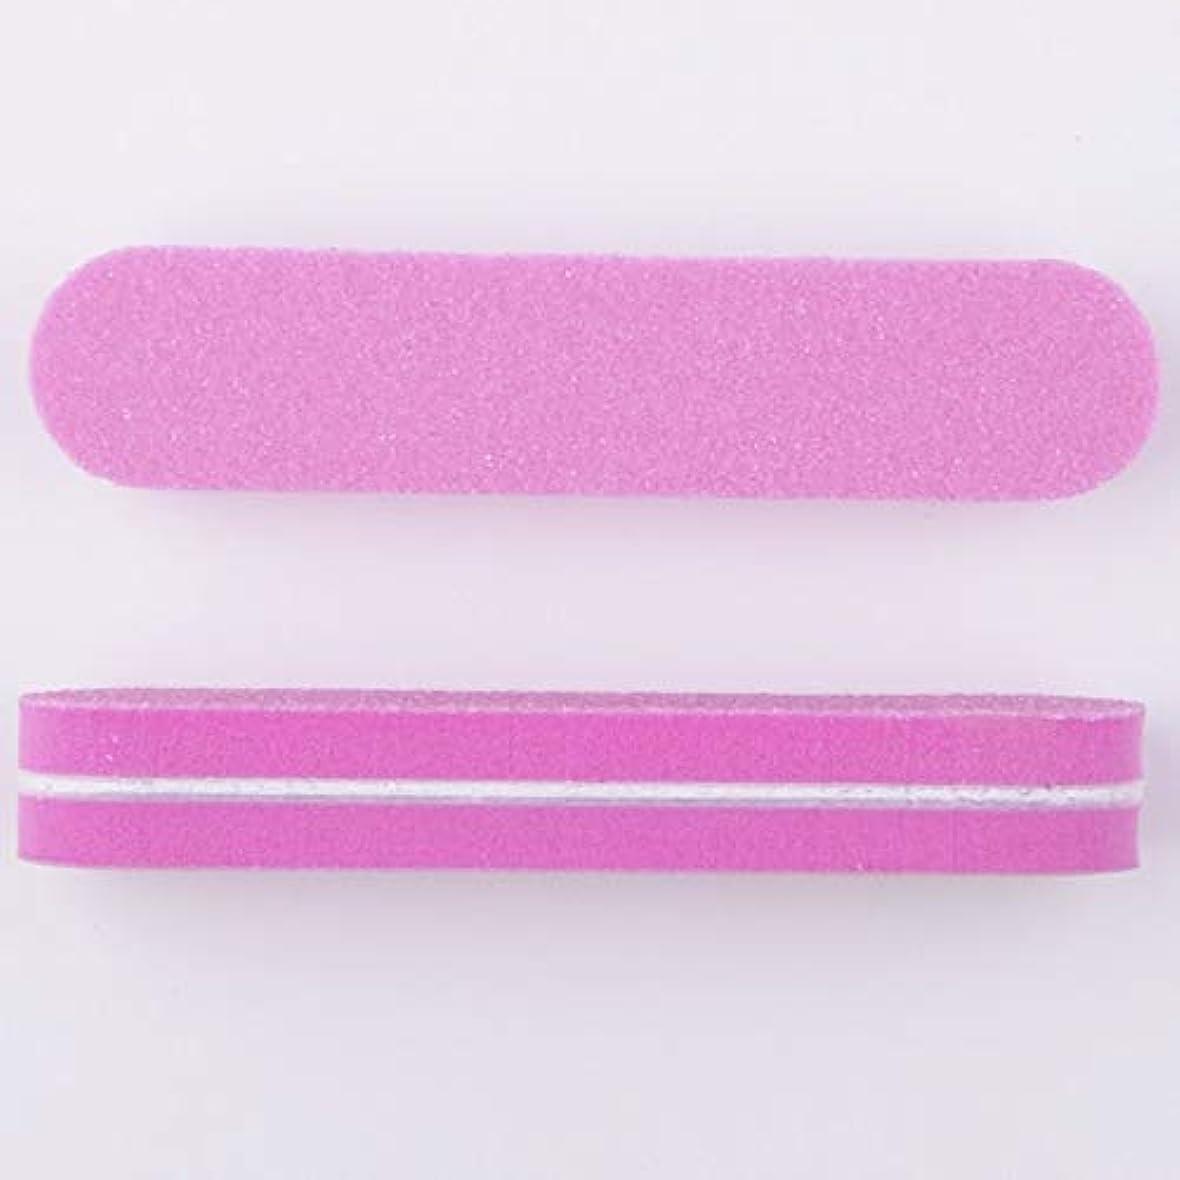 ネイルファイル スポンジ製 両面研磨 9 * 2 * 0.12CM 40本(ピンク)